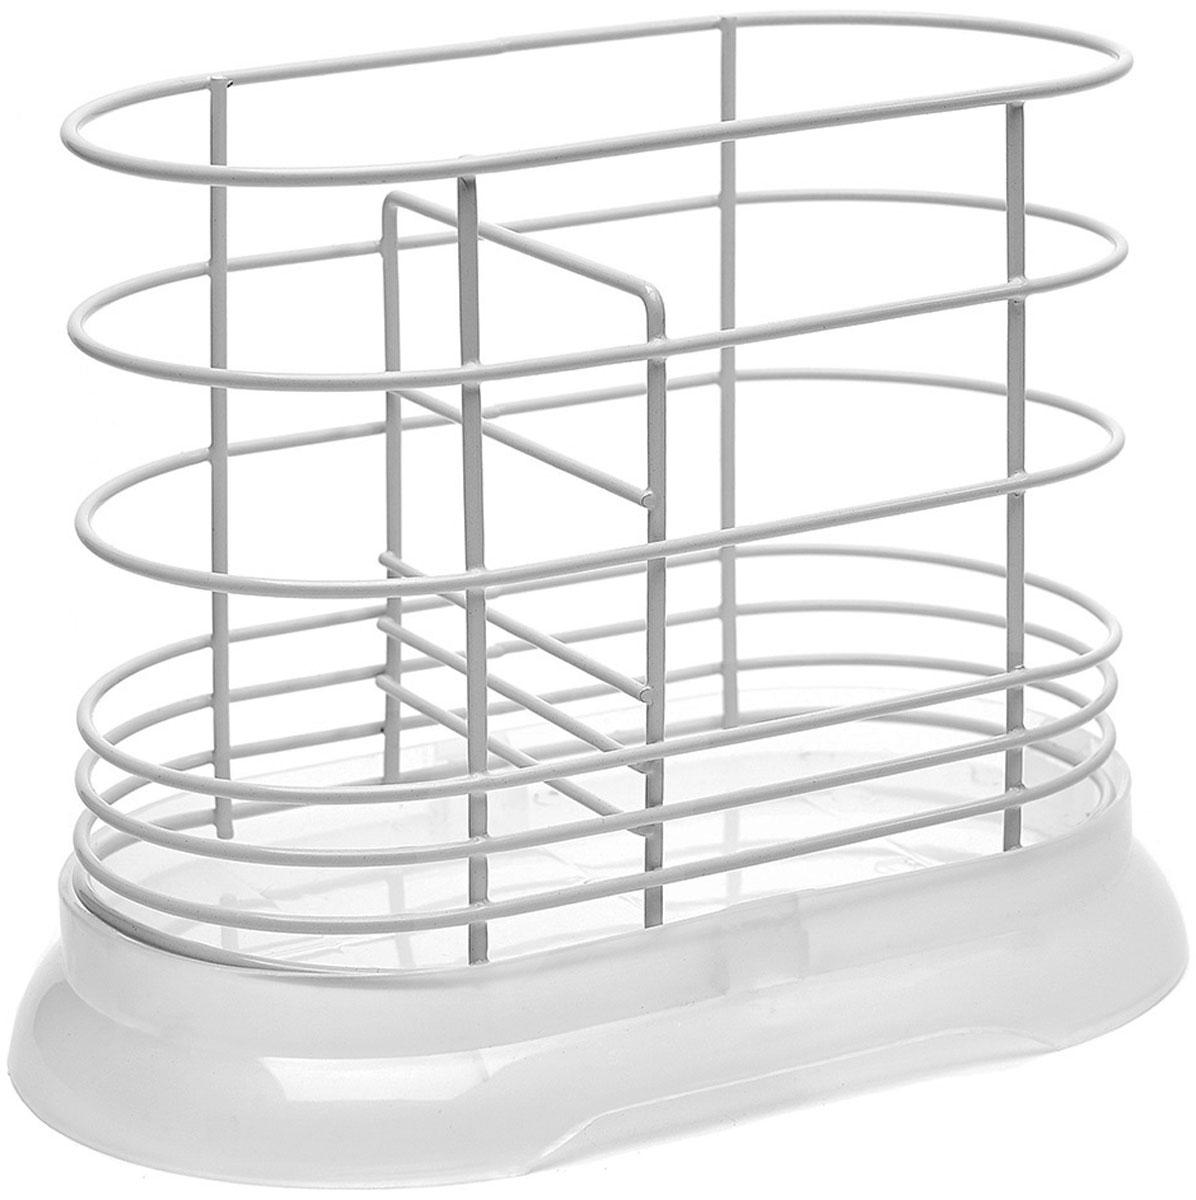 Подставка для столовых приборов Walmer, цвет: белый, 16 x 8,5 x 13,5 смW14161388Подставка для столовых приборов Walmer имеет лаконичный дизайн и подойдет под абсолютно любой интерьер кухни. Основание изделия изготовлено из качественного пластика. Если на приборах осталось немного воды, то она не будет стекать на стол, а останется в съемном поддоне. А материалом для прутков корпуса является сталь с порошковым покрытием - прочная и устойчивая к коррозии. К слову, в нижней части расстояние между прутками меньше, чтобы ручки столовых приборов не выскальзывали из подставки.Подставка Walmer не займет слишком много места на вашей кухне. Ее назначение в том, чтобы экономить пространство и упрощать жизнь своим владельцам. Для удобства в ней есть разделитель, который позволяет хранить приборы в разных отсеках.